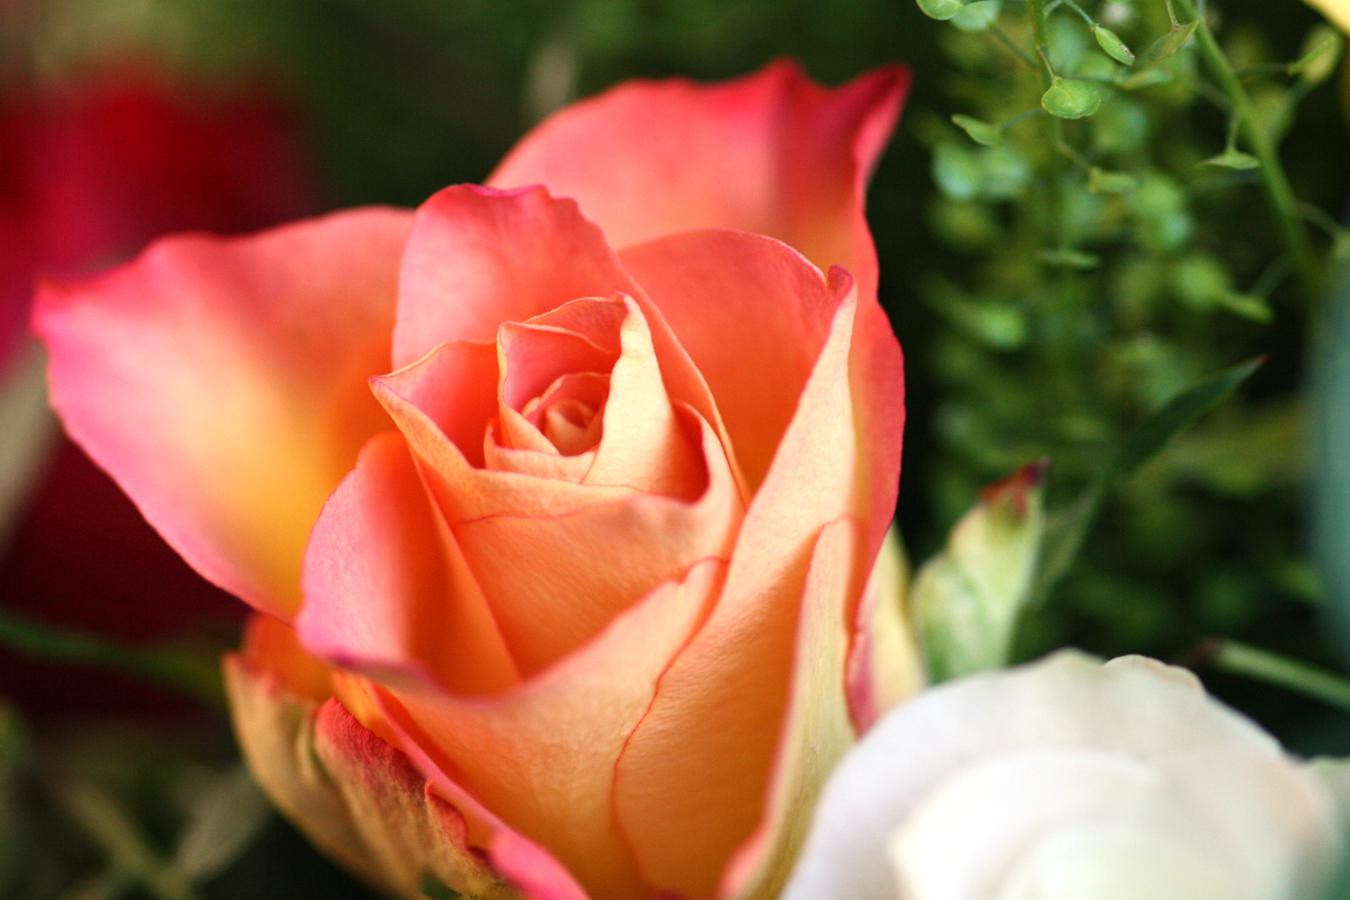 zalmkleurige-roos-gemaakt-door-rick-van-den-hengel